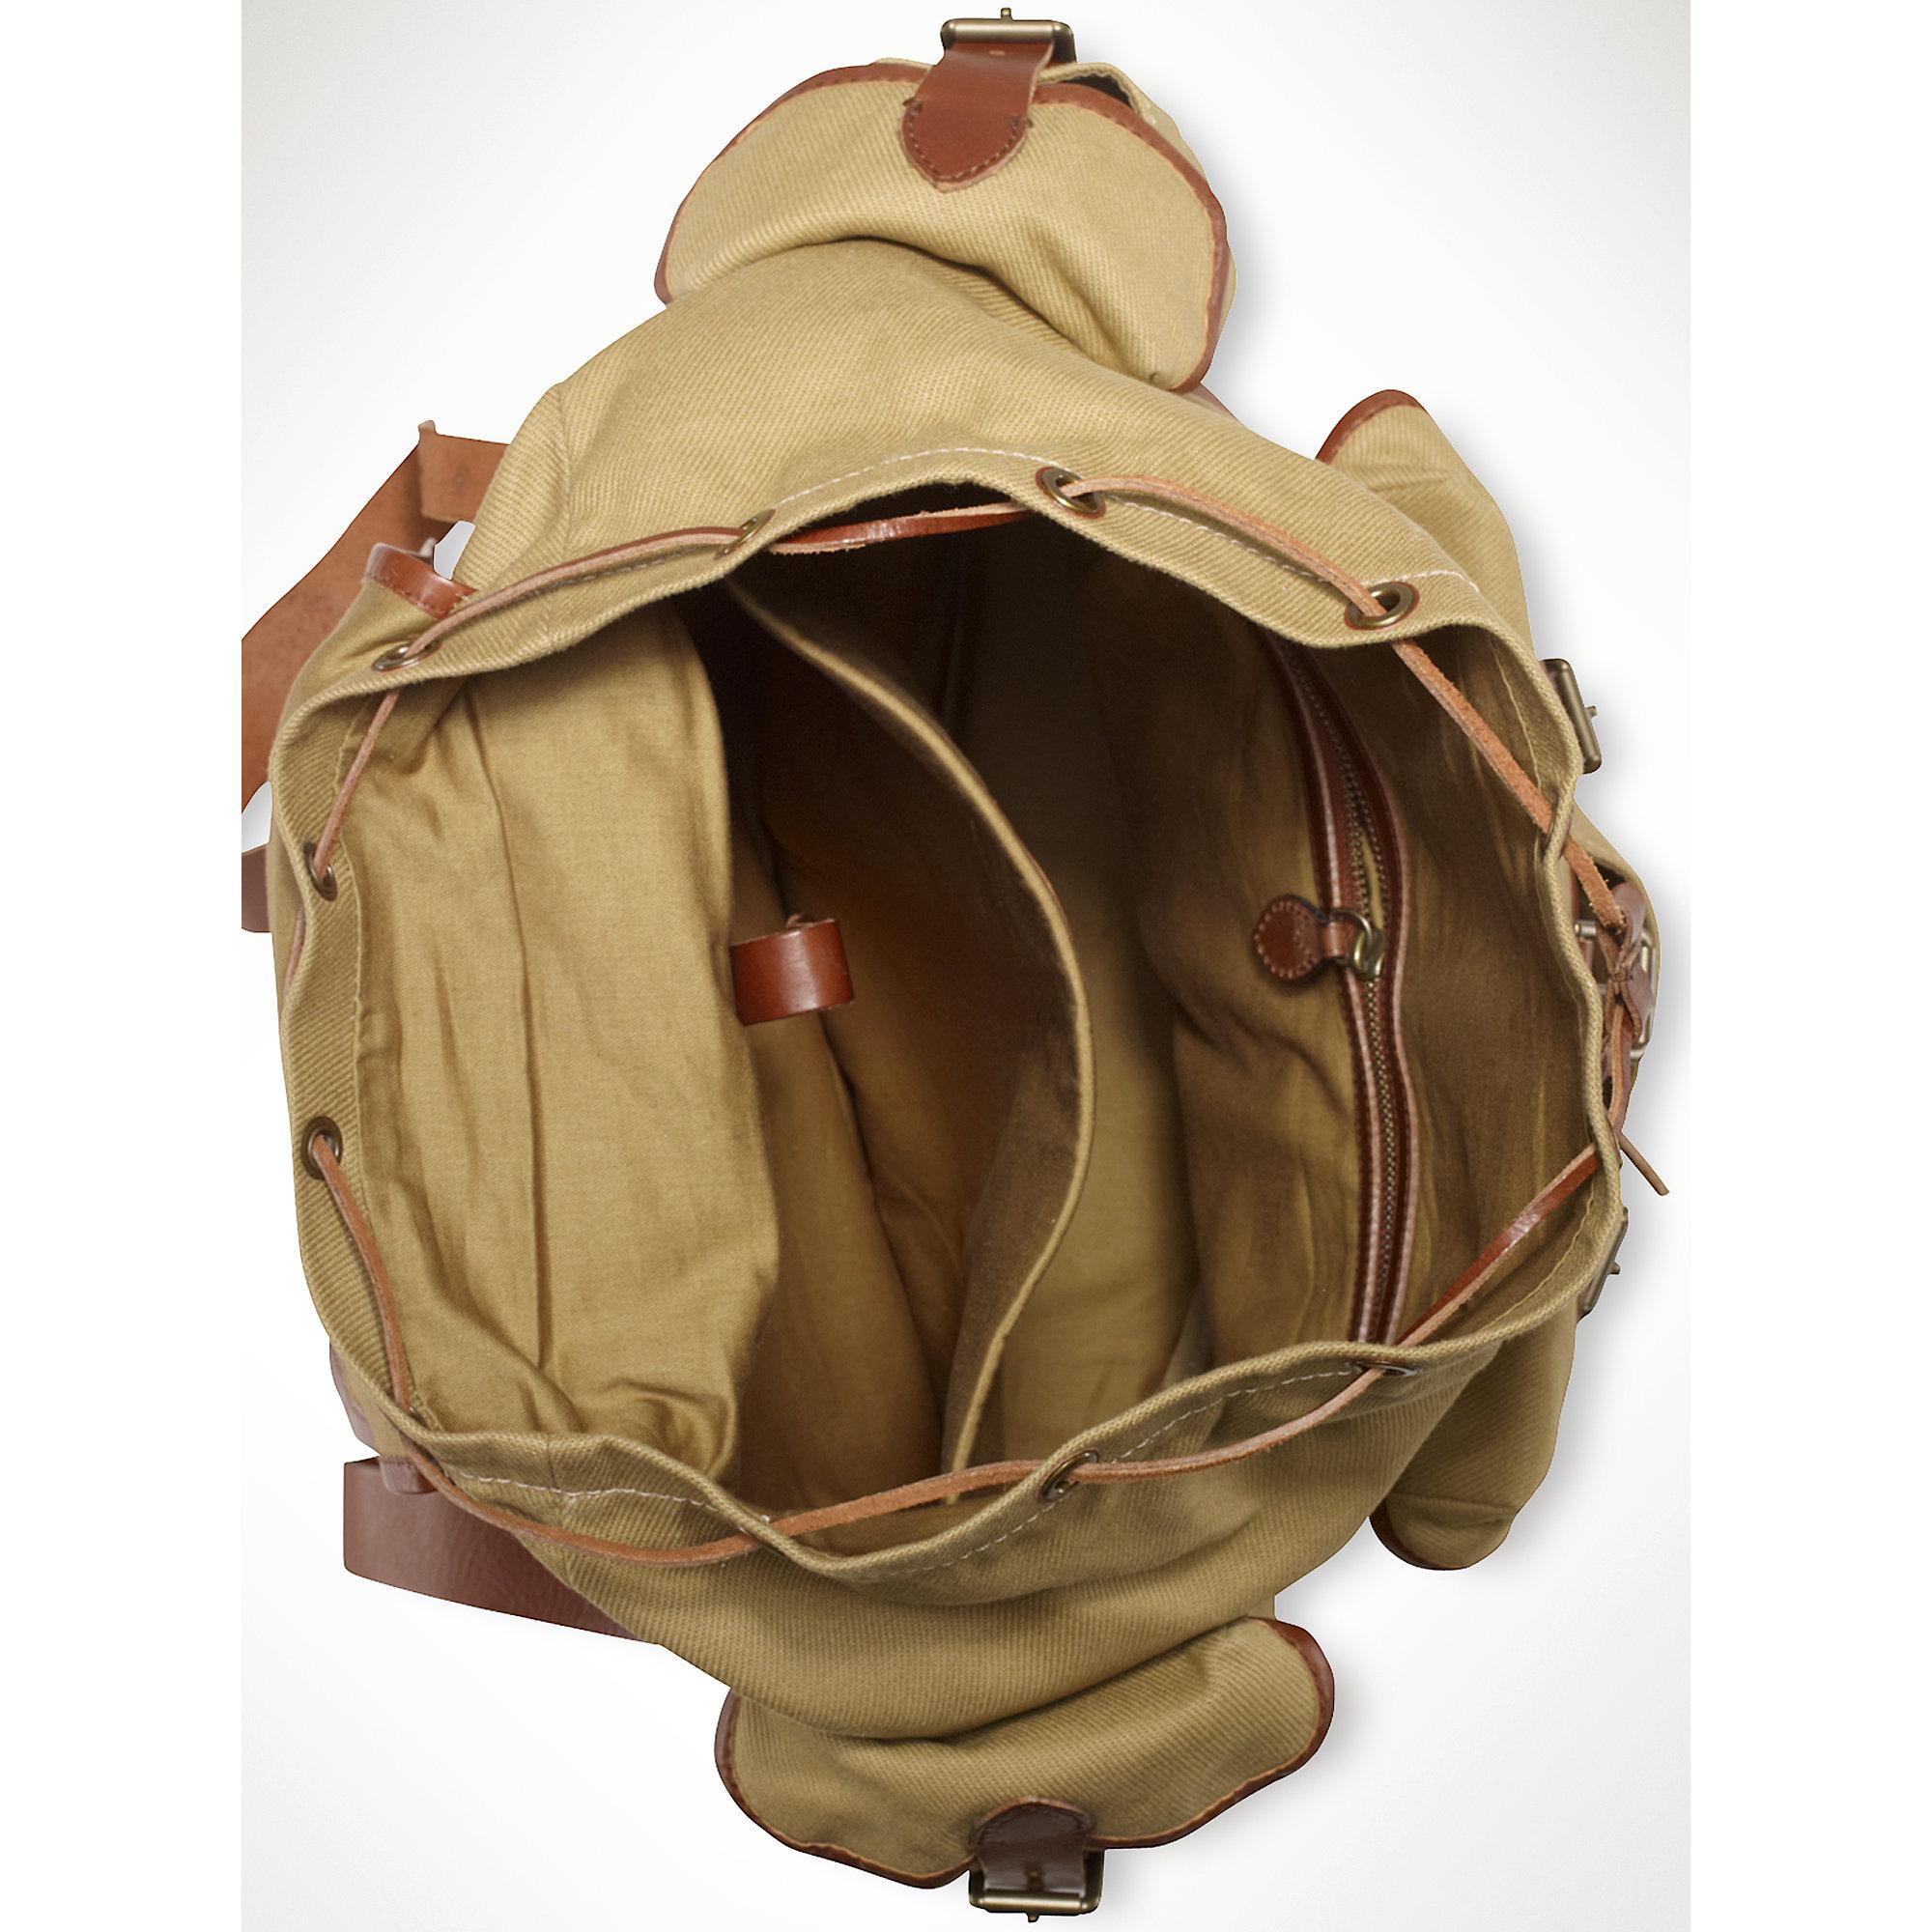 eae8e664dfab Polo canvas backpack fenix toulouse handball jpg 2000x2000 Polo canvas  backpack